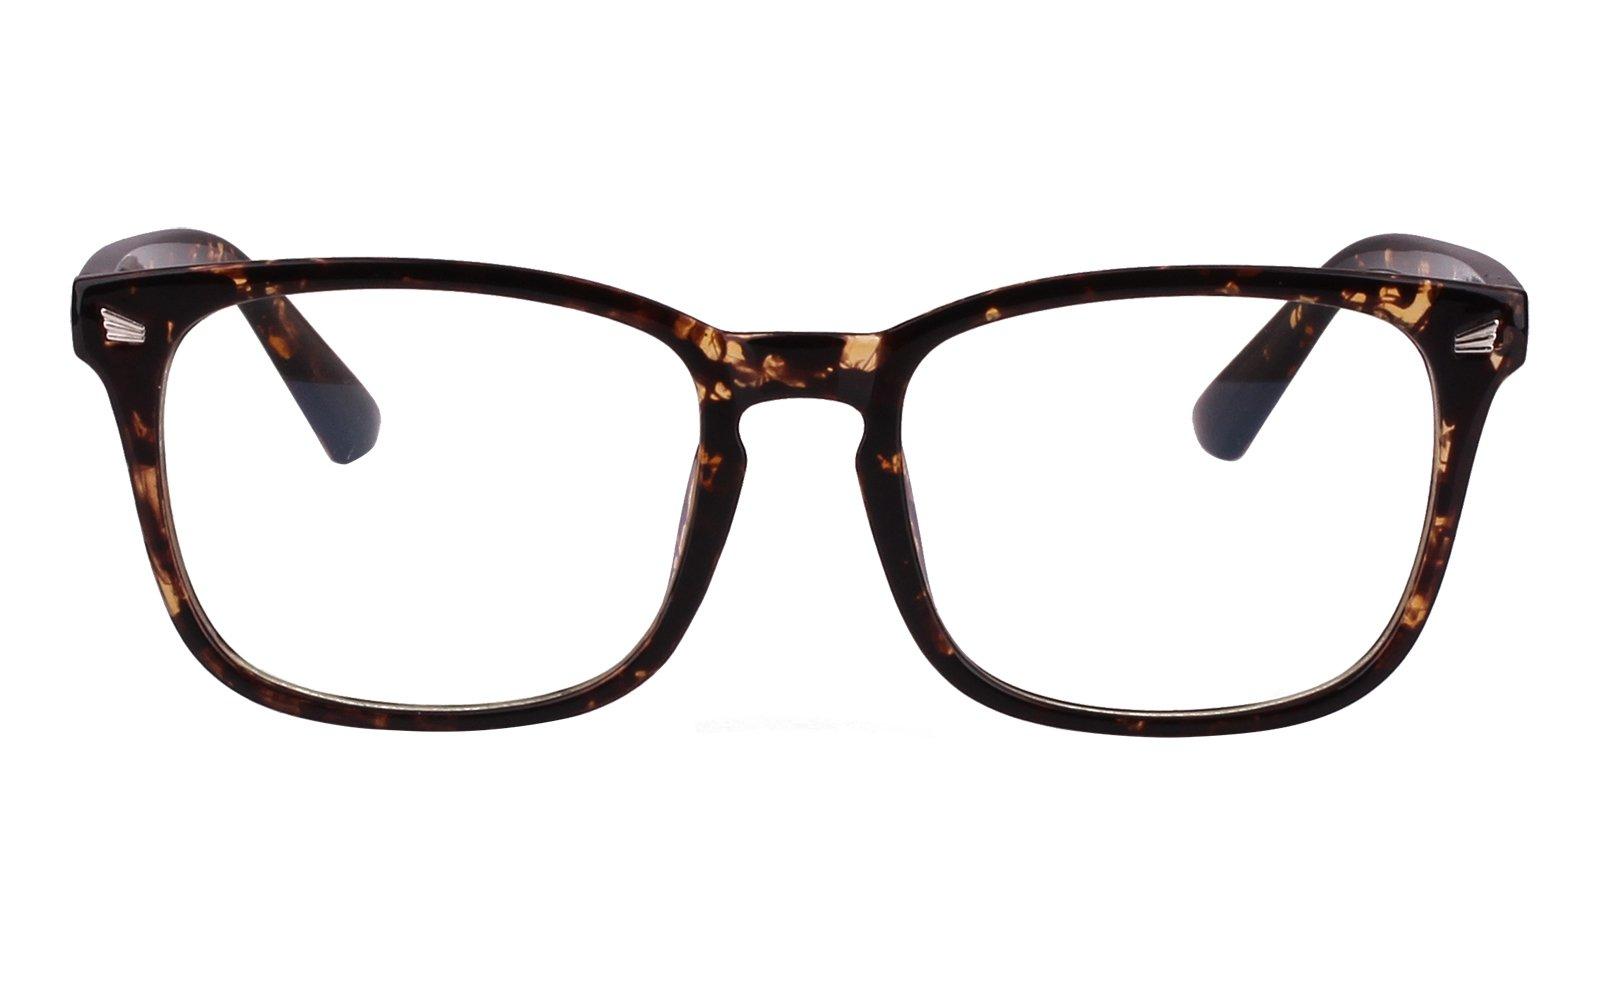 Agstum Wayfarer Plain Glasses Frame Eyeglasses Clear Lens (Brown flowers, 53) by Agstum